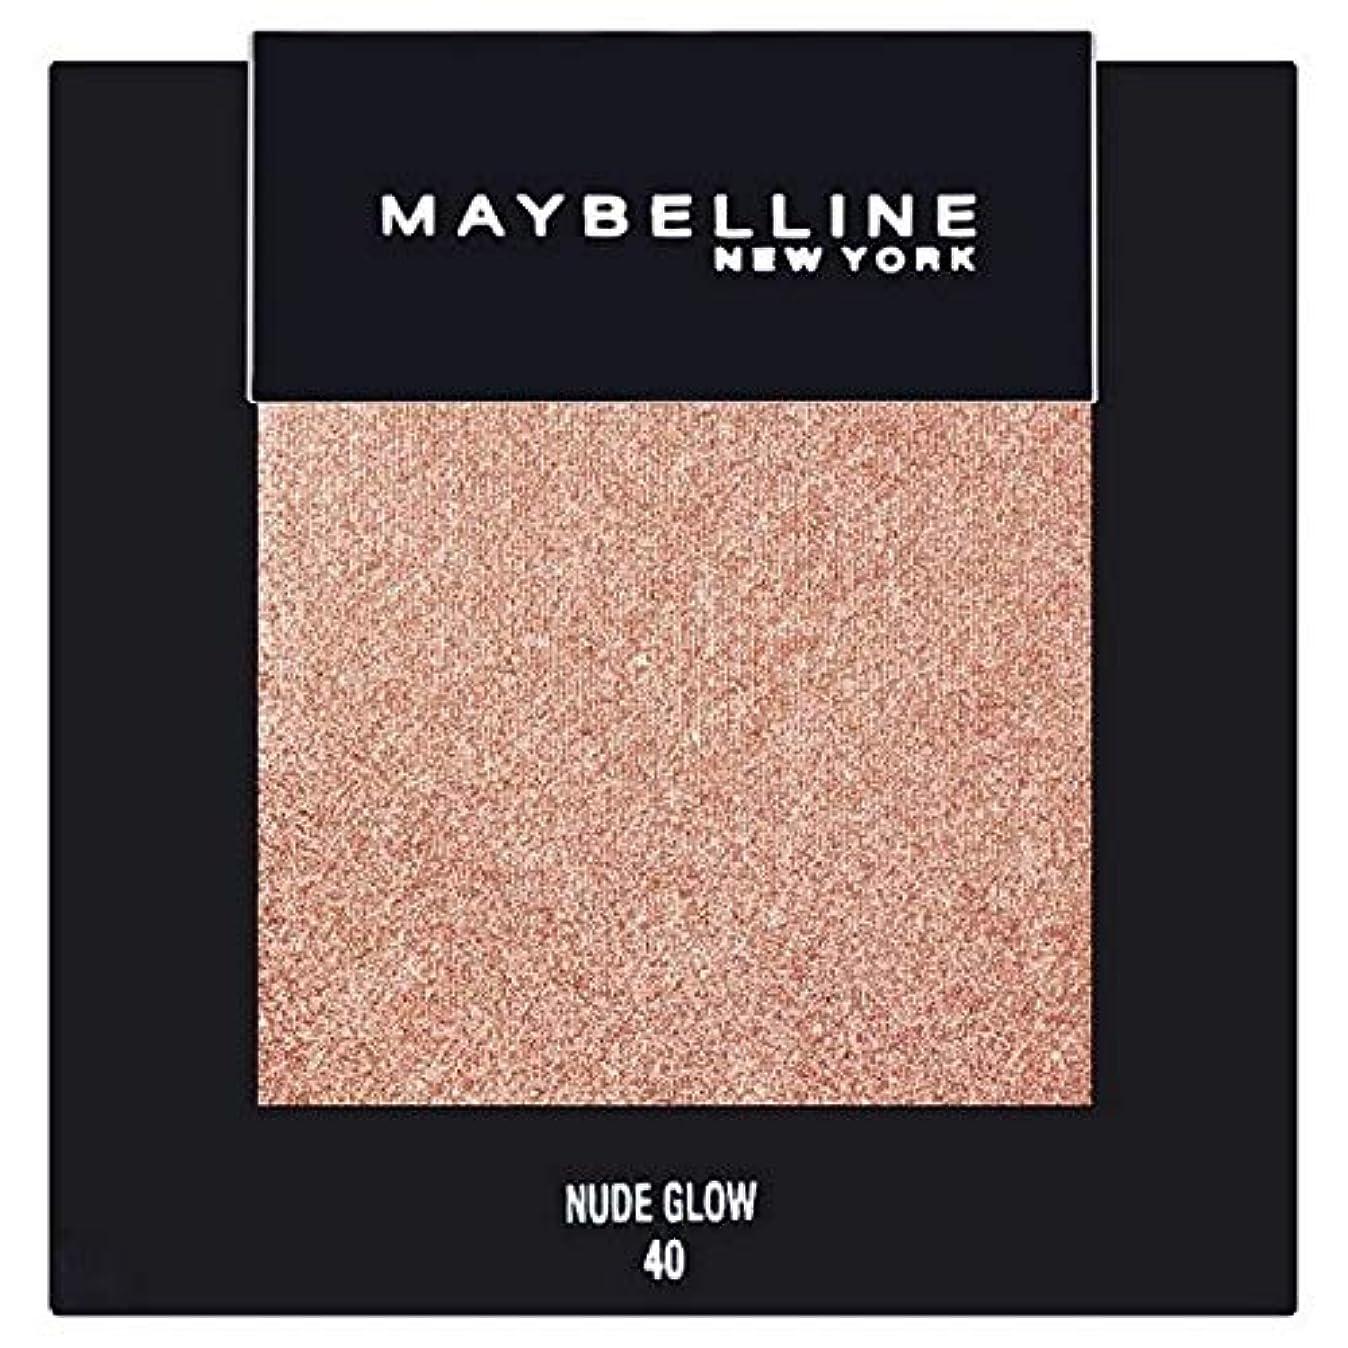 パントリー割れ目国[Maybelline ] メイベリンカラーショーシングルアイシャドウ40ヌードグロー - Maybelline Color Show Single Eyeshadow 40 Nude Glow [並行輸入品]